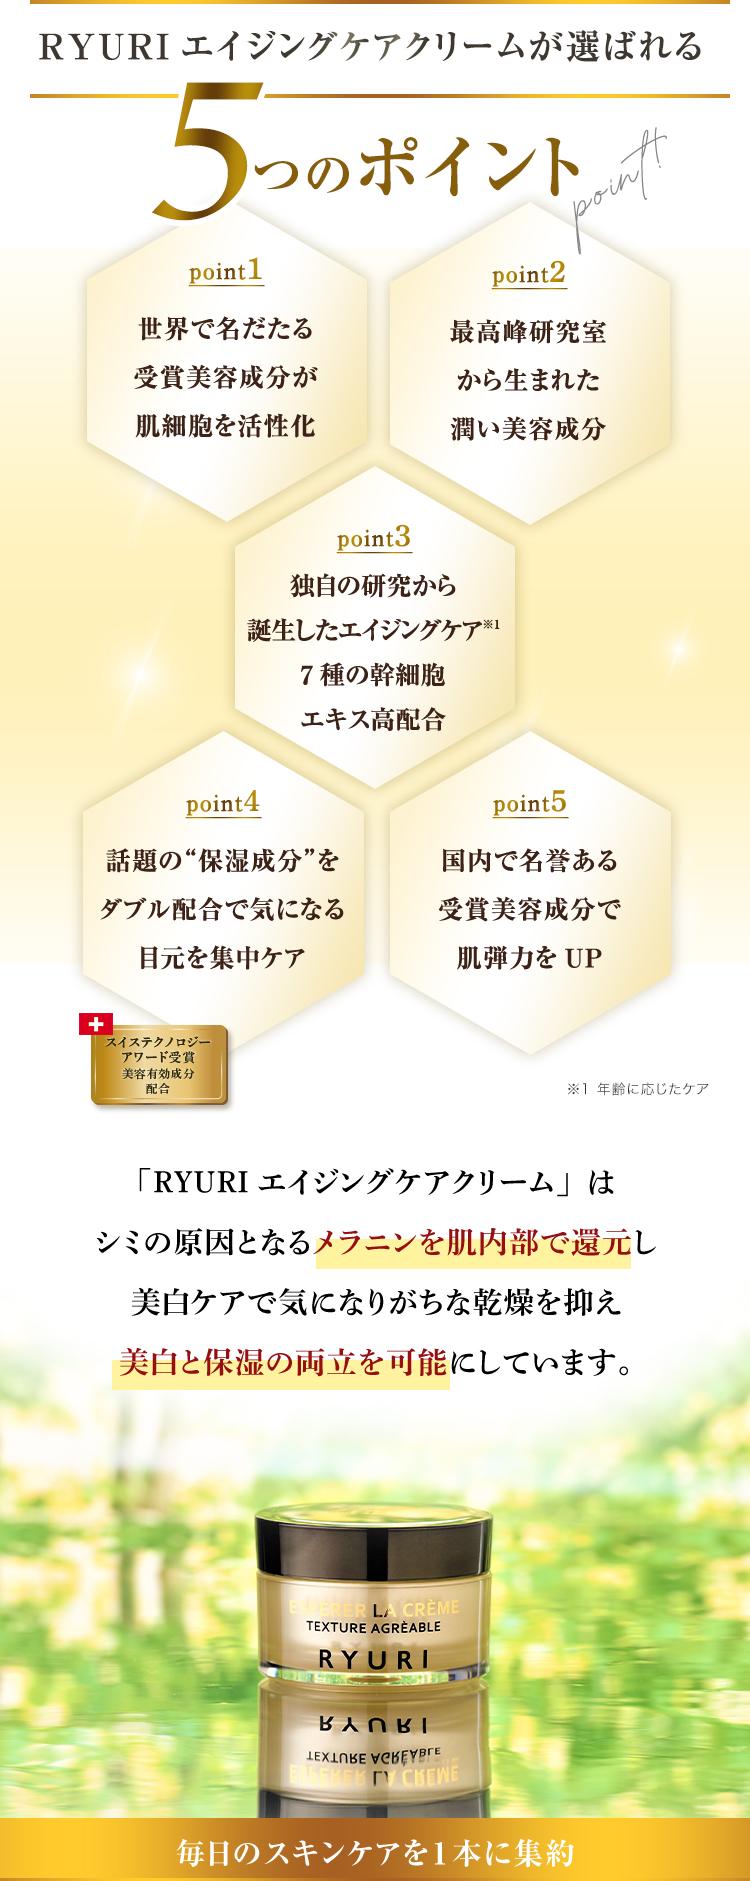 RYURIオールインワンクリームが選ばれる5つのポイント